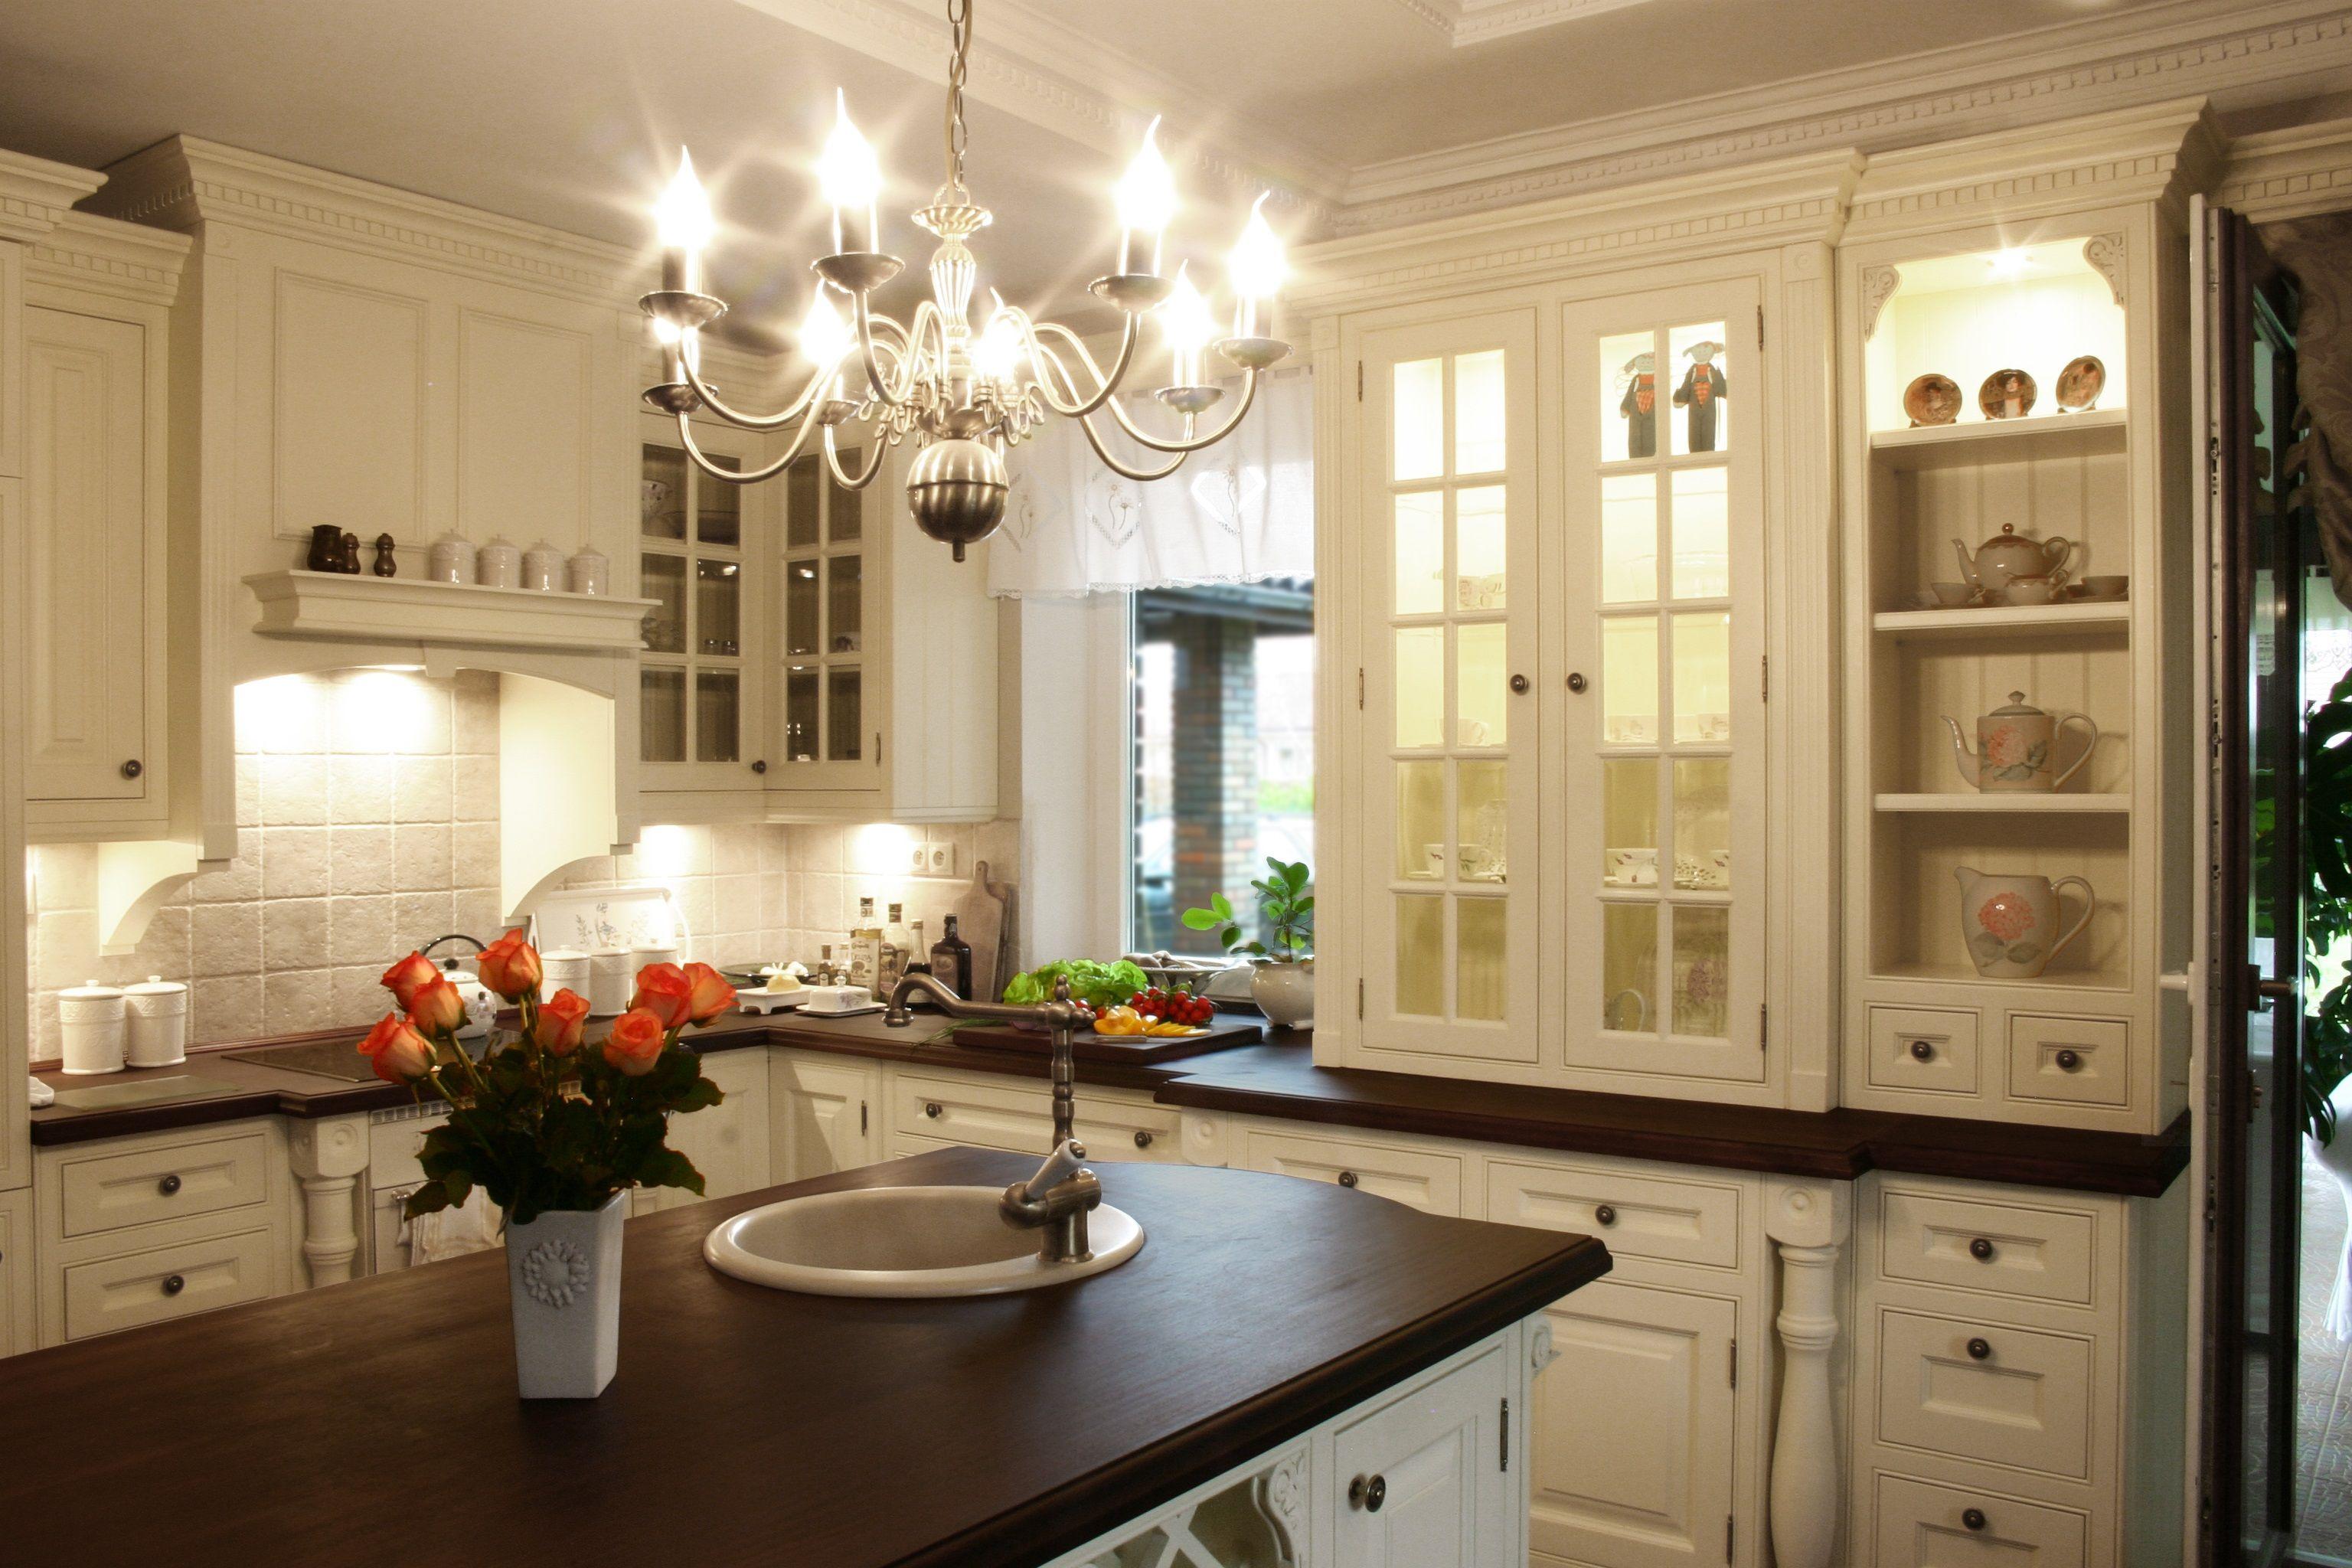 Kuchnie Angielskie Wiktorianskie Stylowe Klasyczne Ekskluzywne Biblioteki Kitchen Cabinets Kitchen Furniture